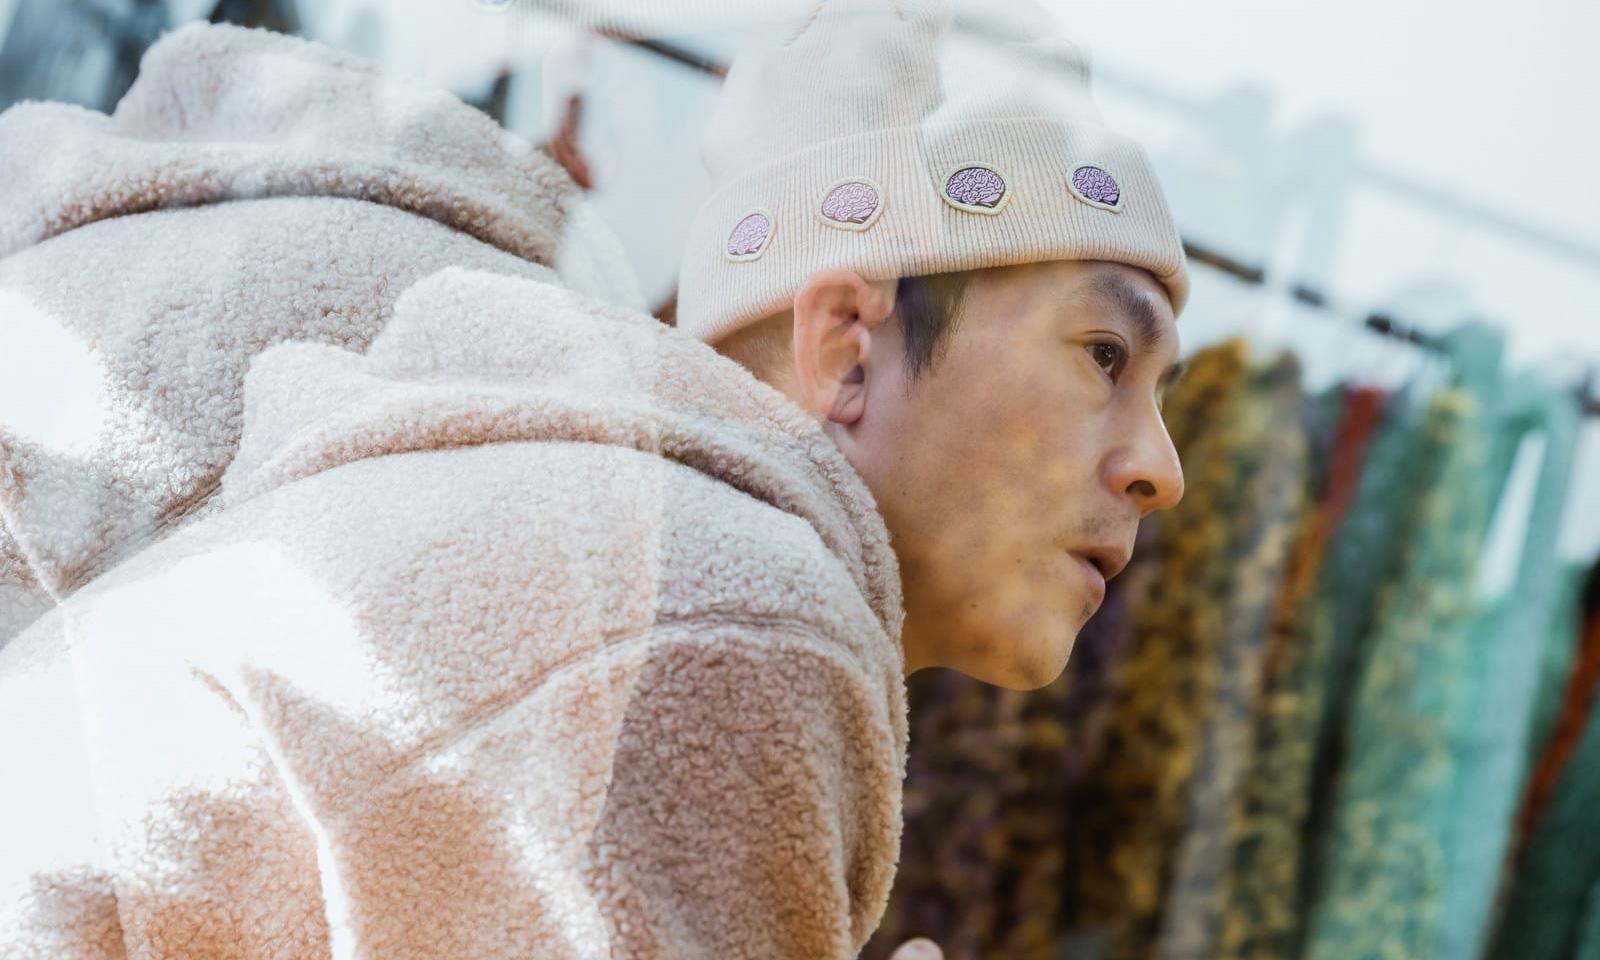 陈冠希:「Supreme 市值 10 亿,希望 CLOT 可以翻到 20 亿…」